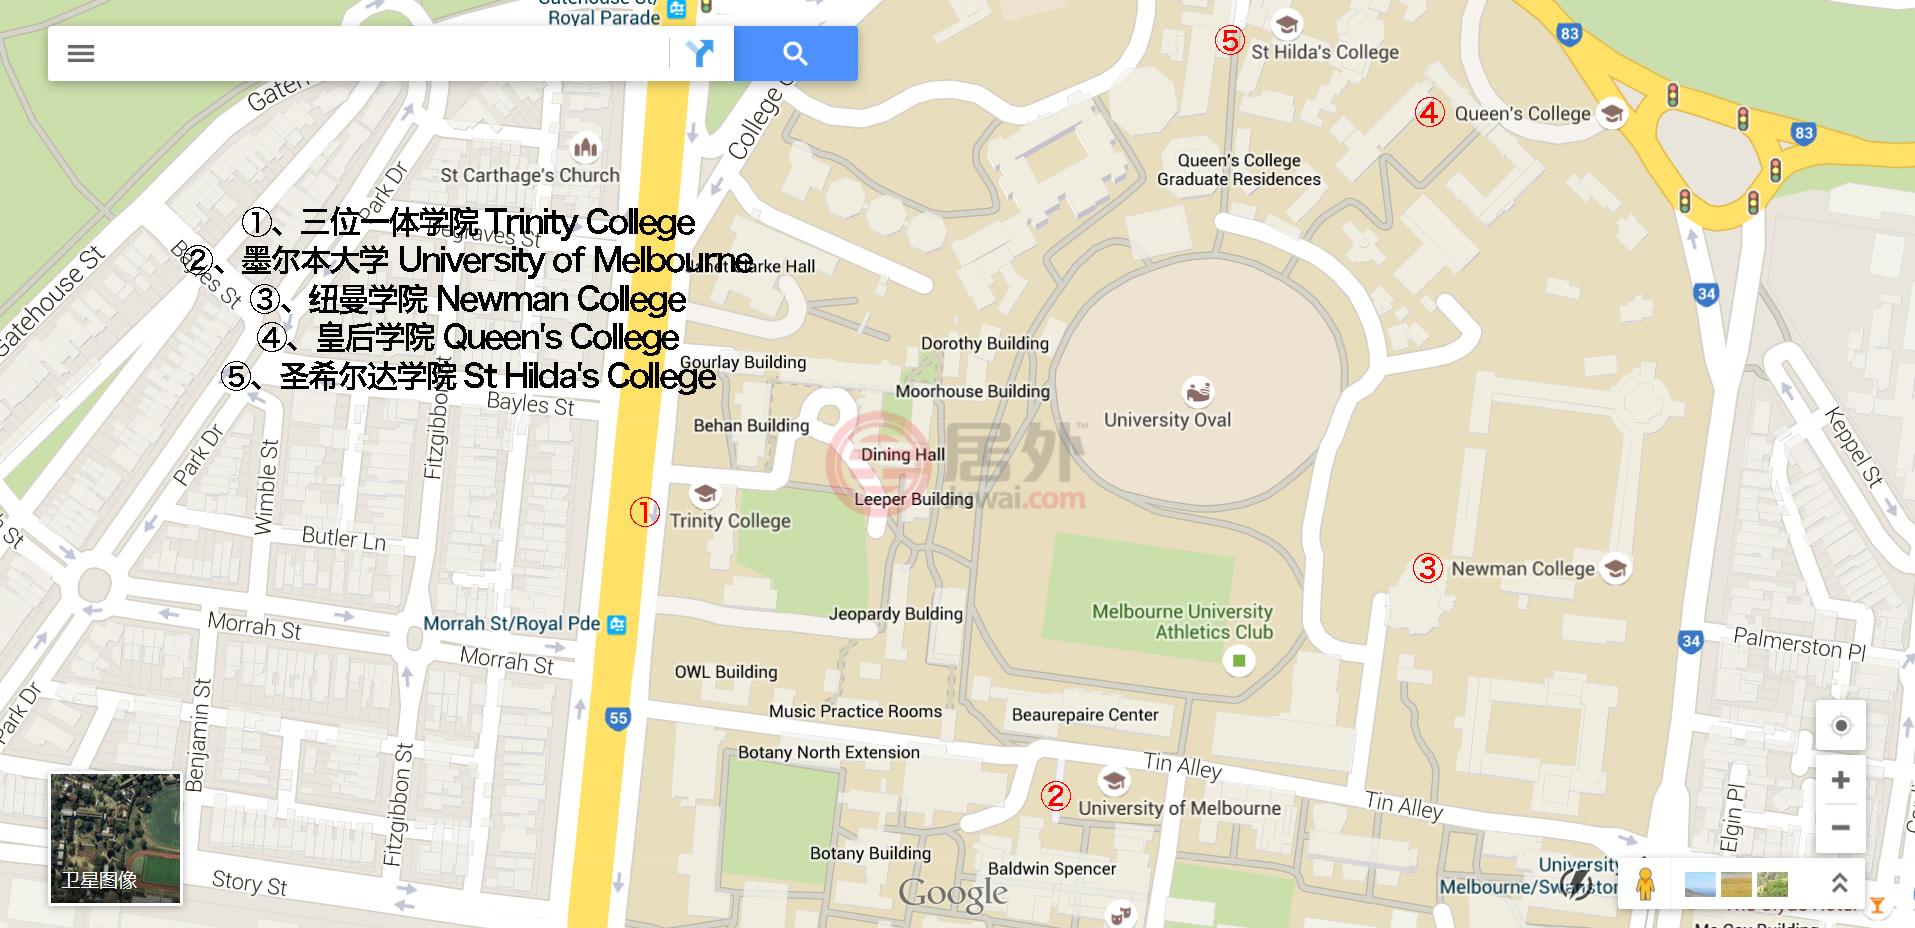 > 澳洲留学指南   周边学校:圣索菲亚学院,圣安得烈学院,悉尼大学